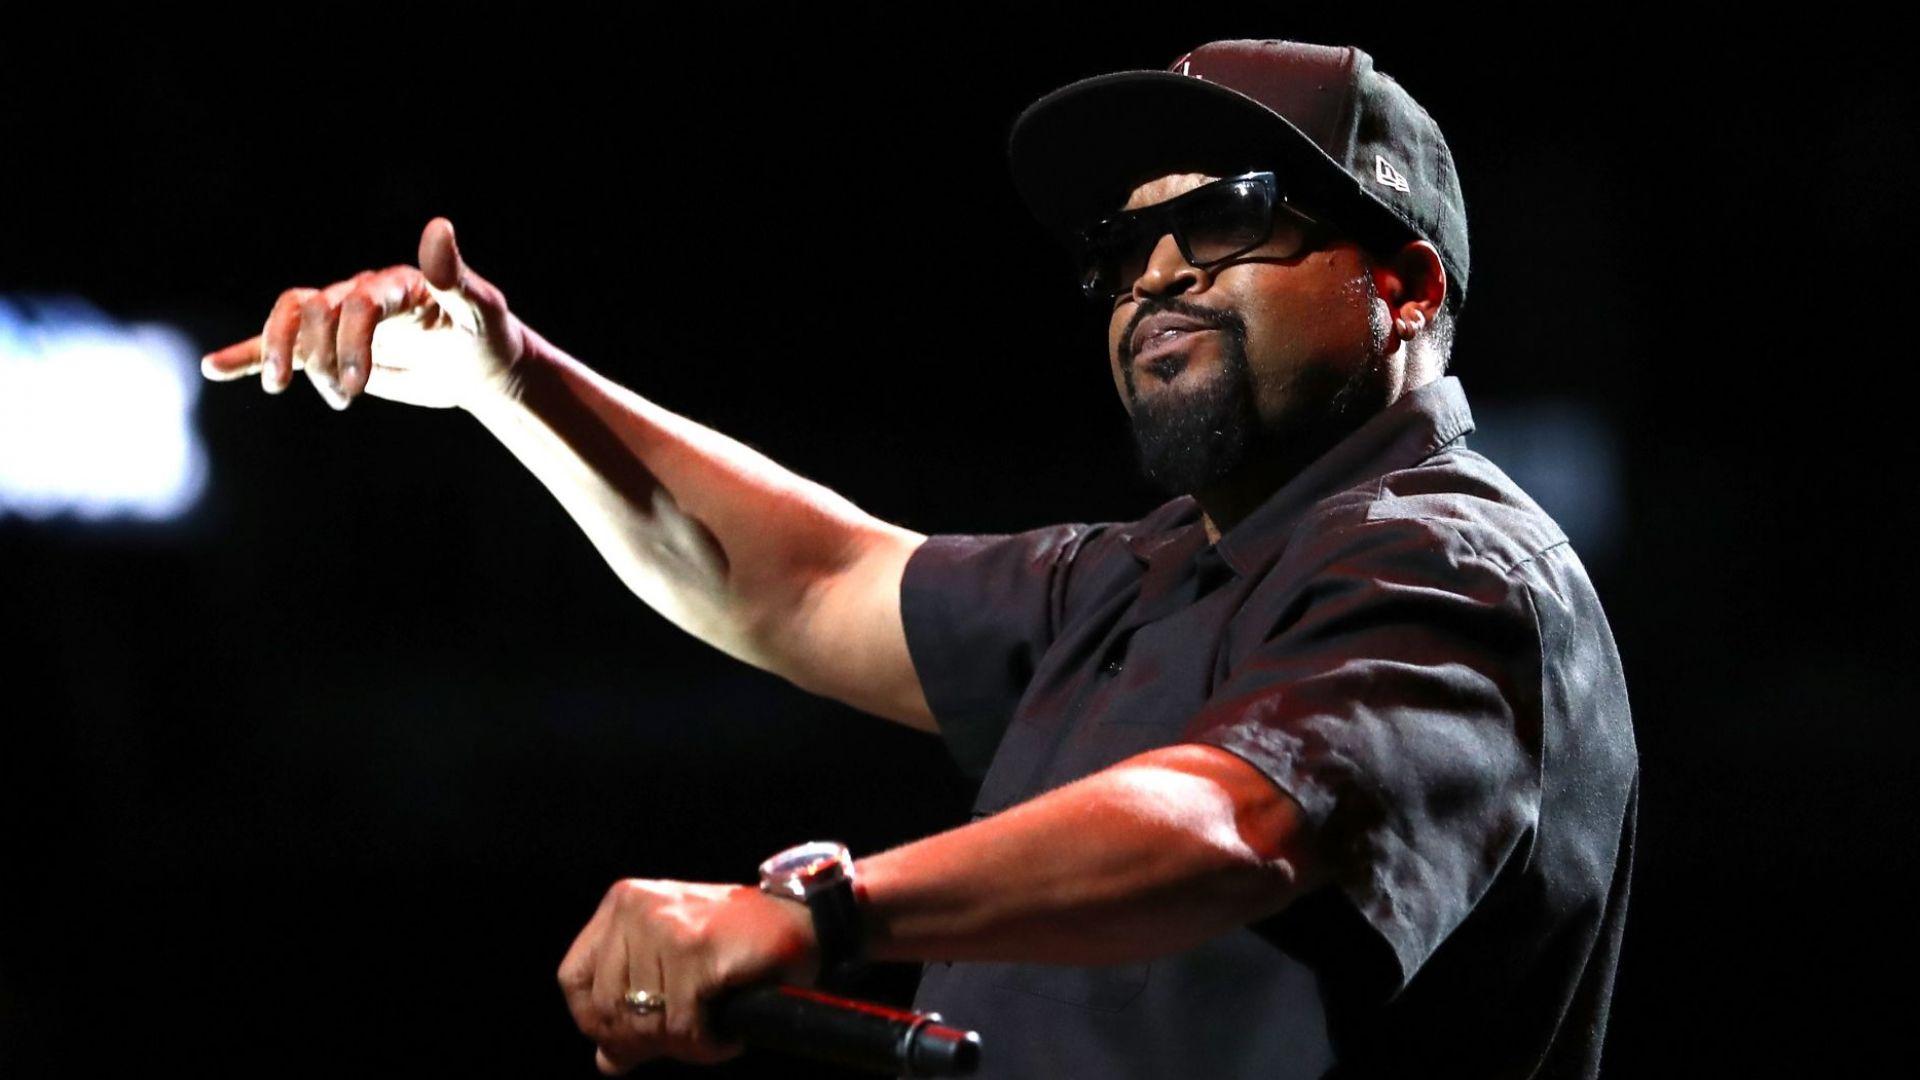 10 години по-късно: Ice Cube с второ грандиозно шоу в България